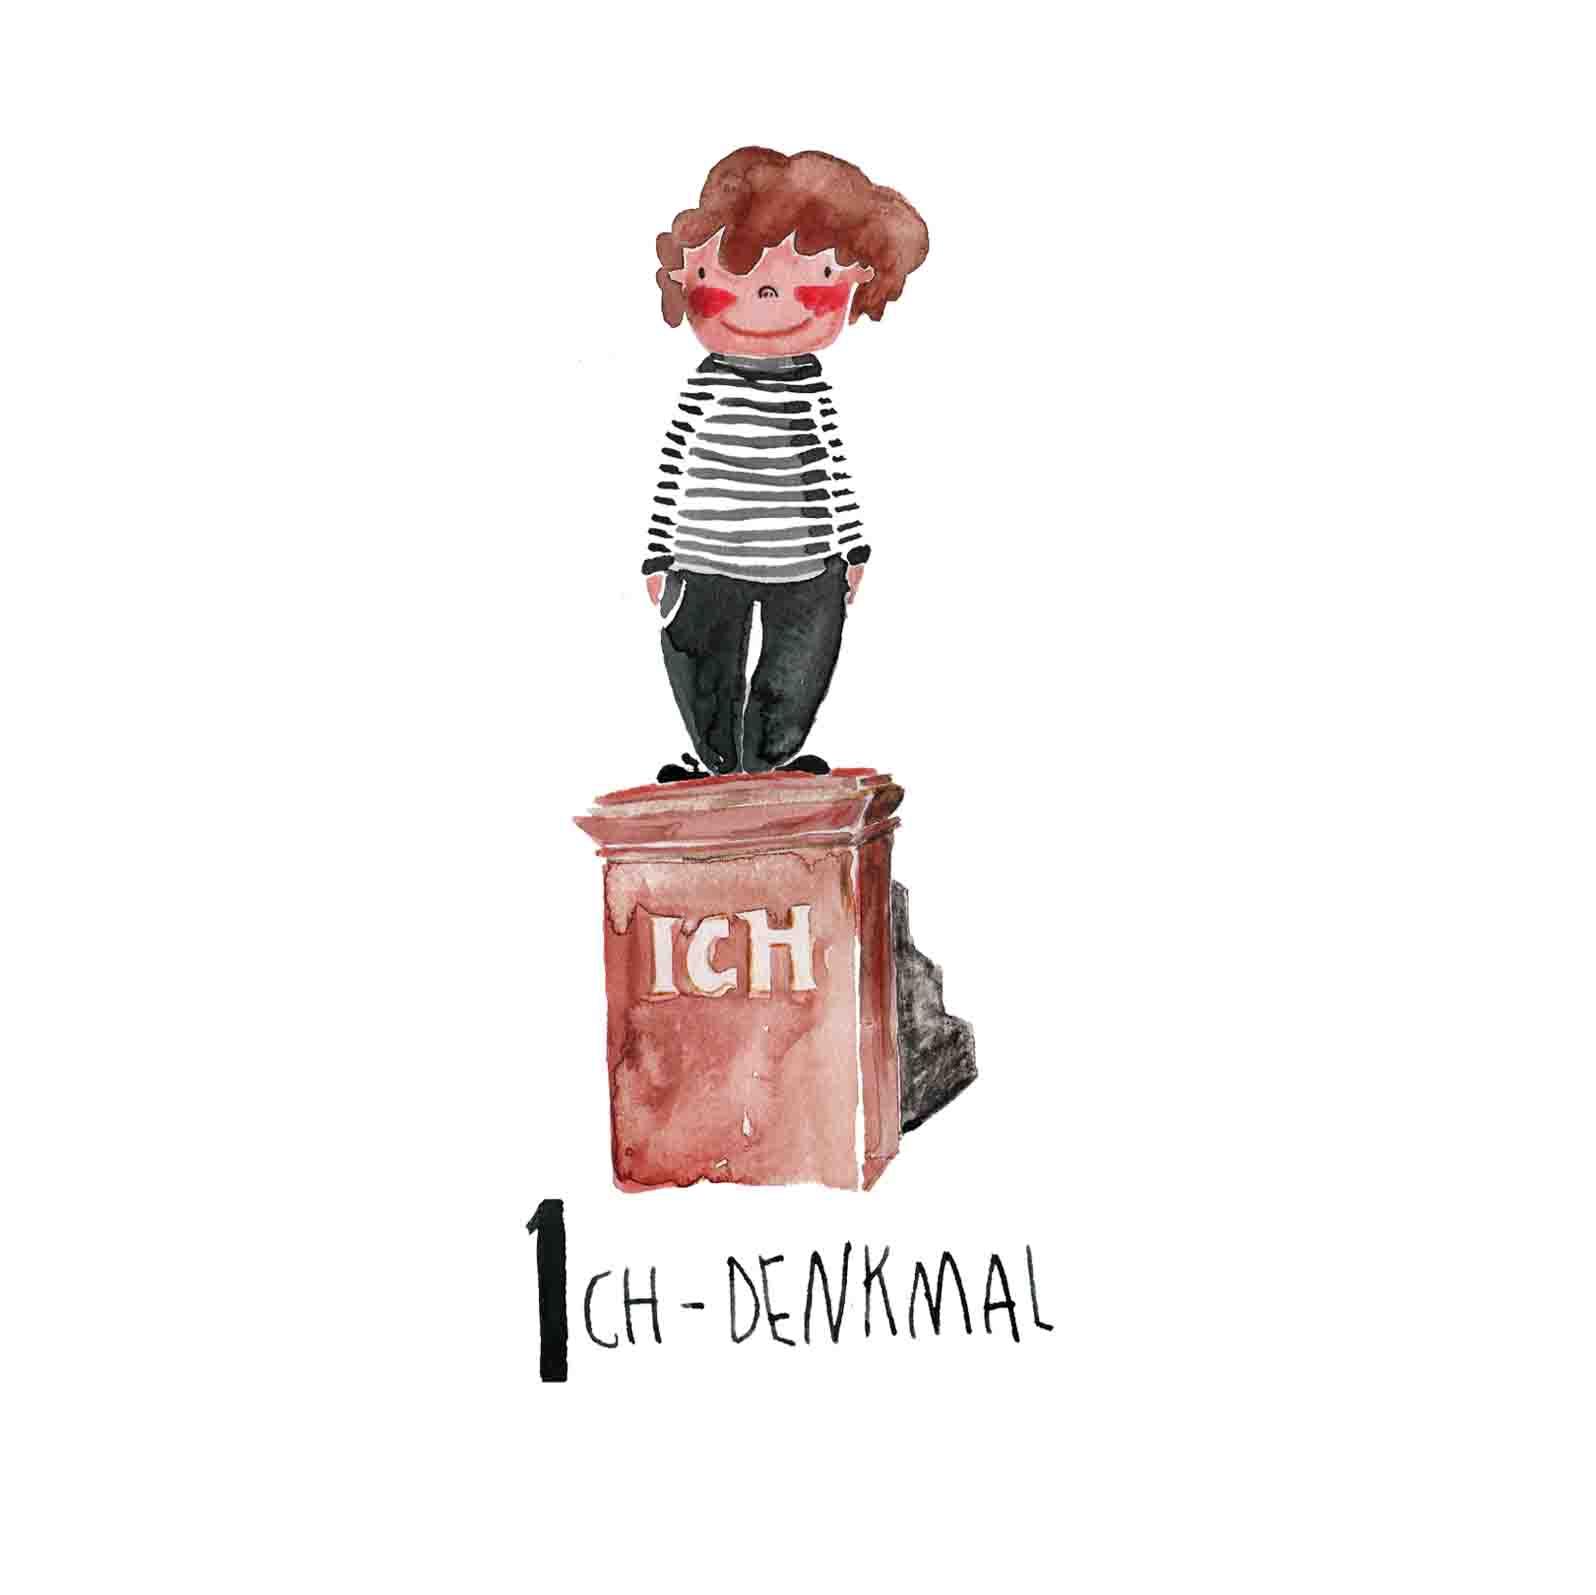 I ICH-Denkmal